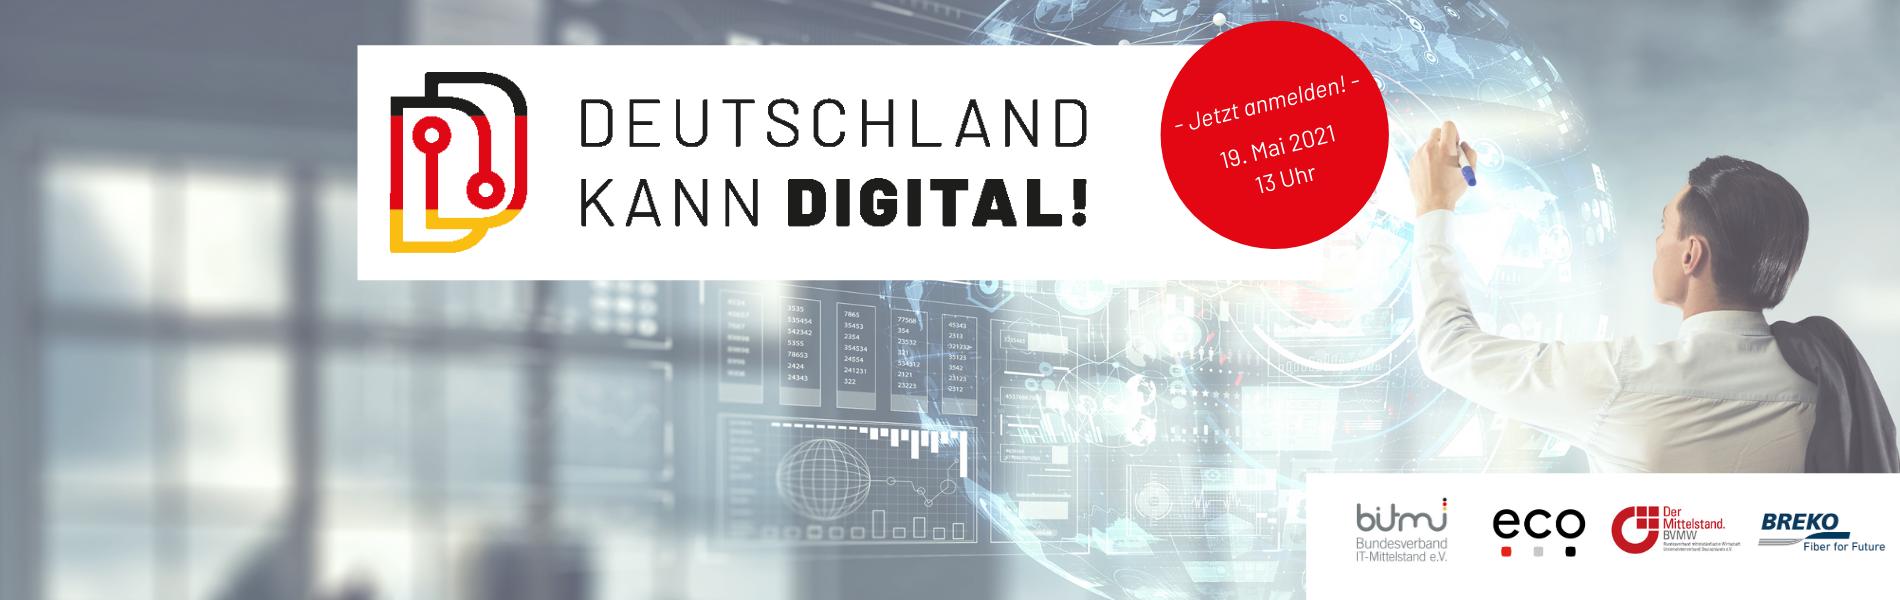 Deutschland kann digital!